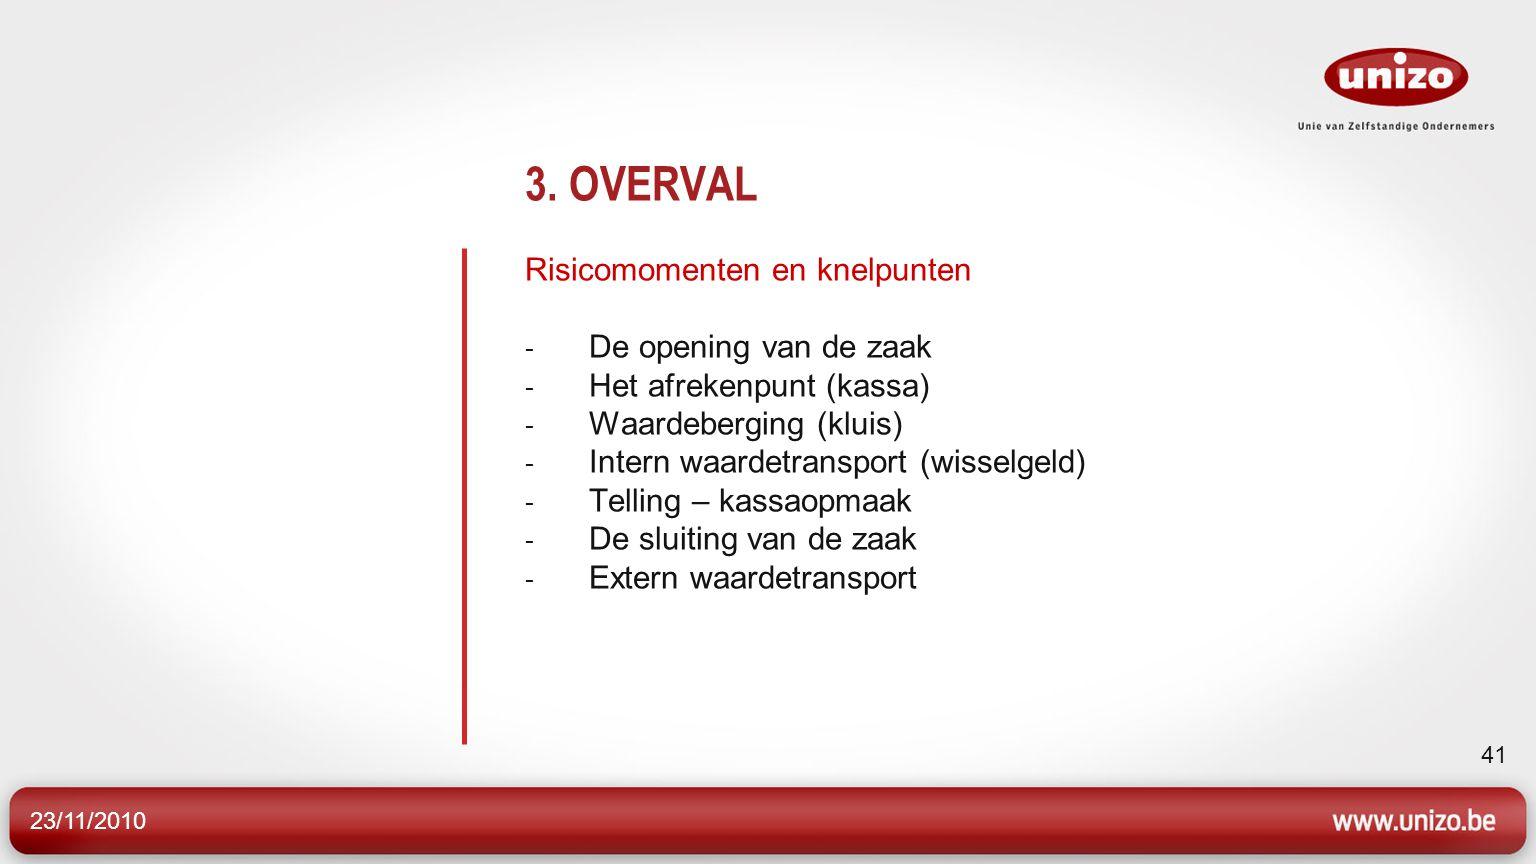 23/11/2010 41 3. OVERVAL Risicomomenten en knelpunten - De opening van de zaak - Het afrekenpunt (kassa) - Waardeberging (kluis) - Intern waardetransp